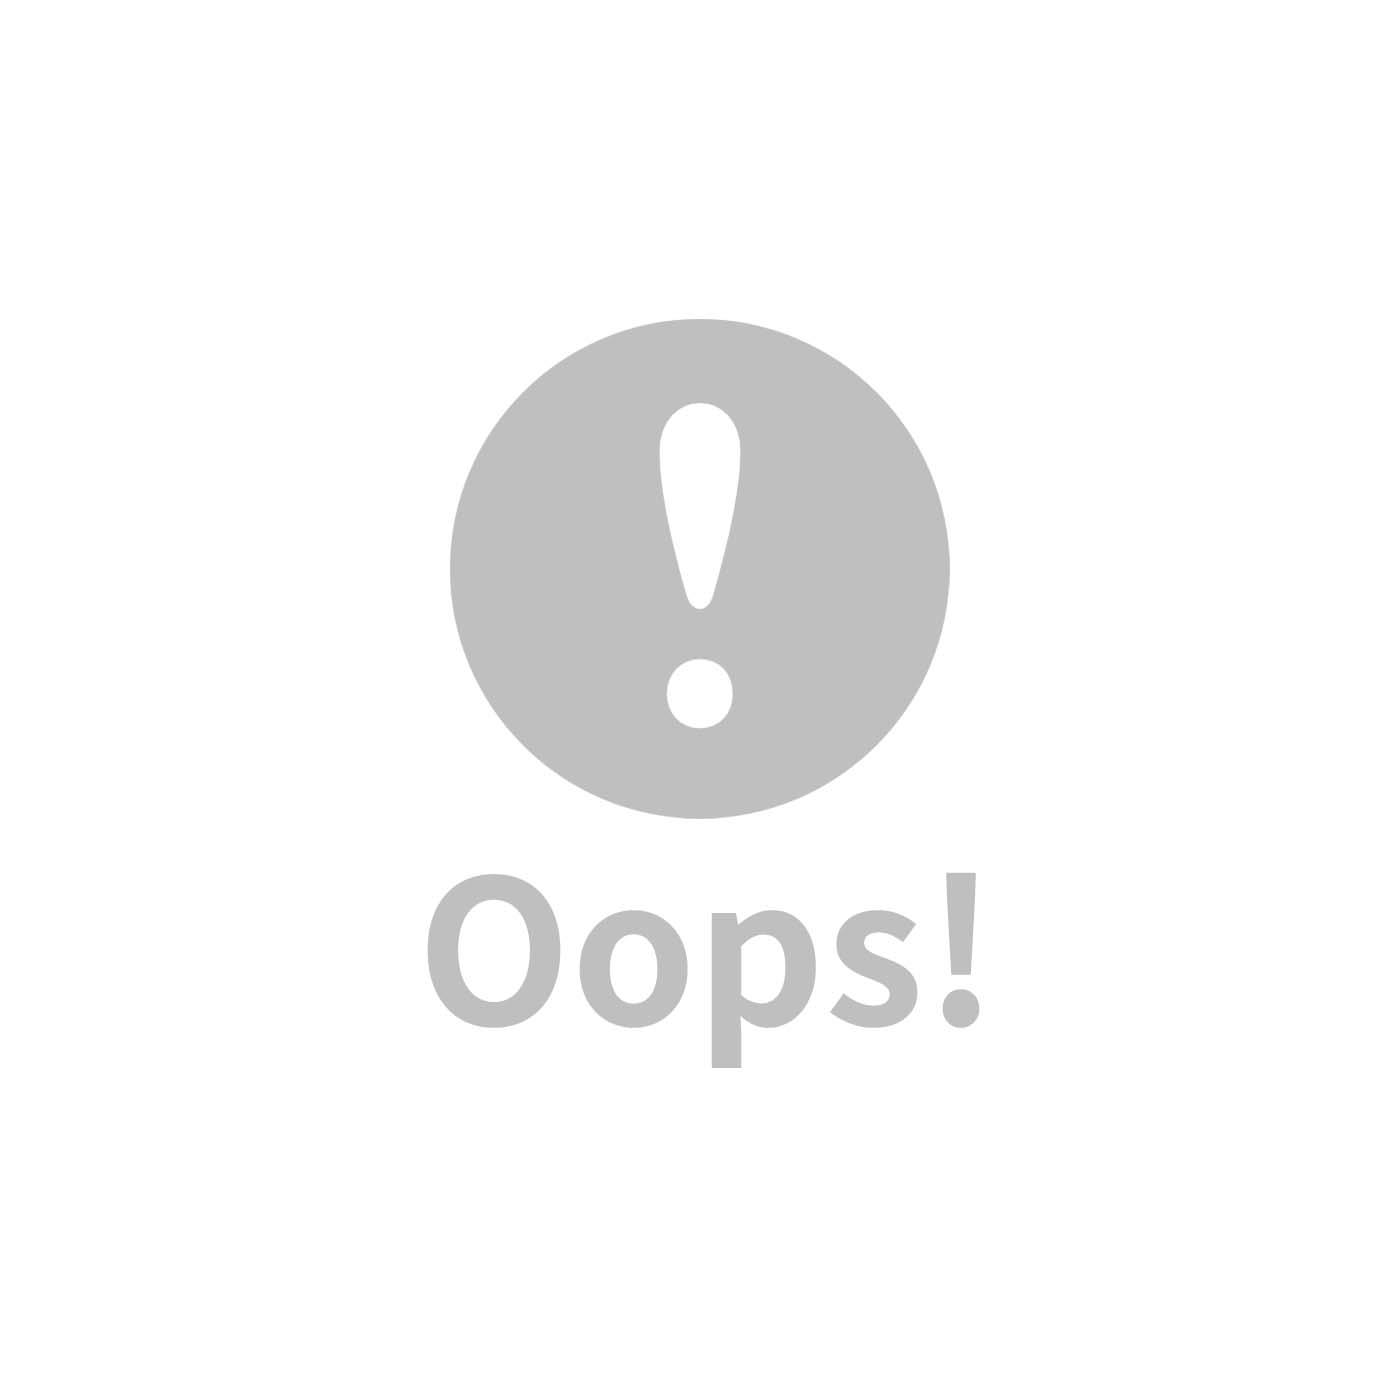 【5/28-5/30逗寶購物台專屬】La Millou 包巾-竹纖涼感巾(加大)_140x110cm(多款可選)